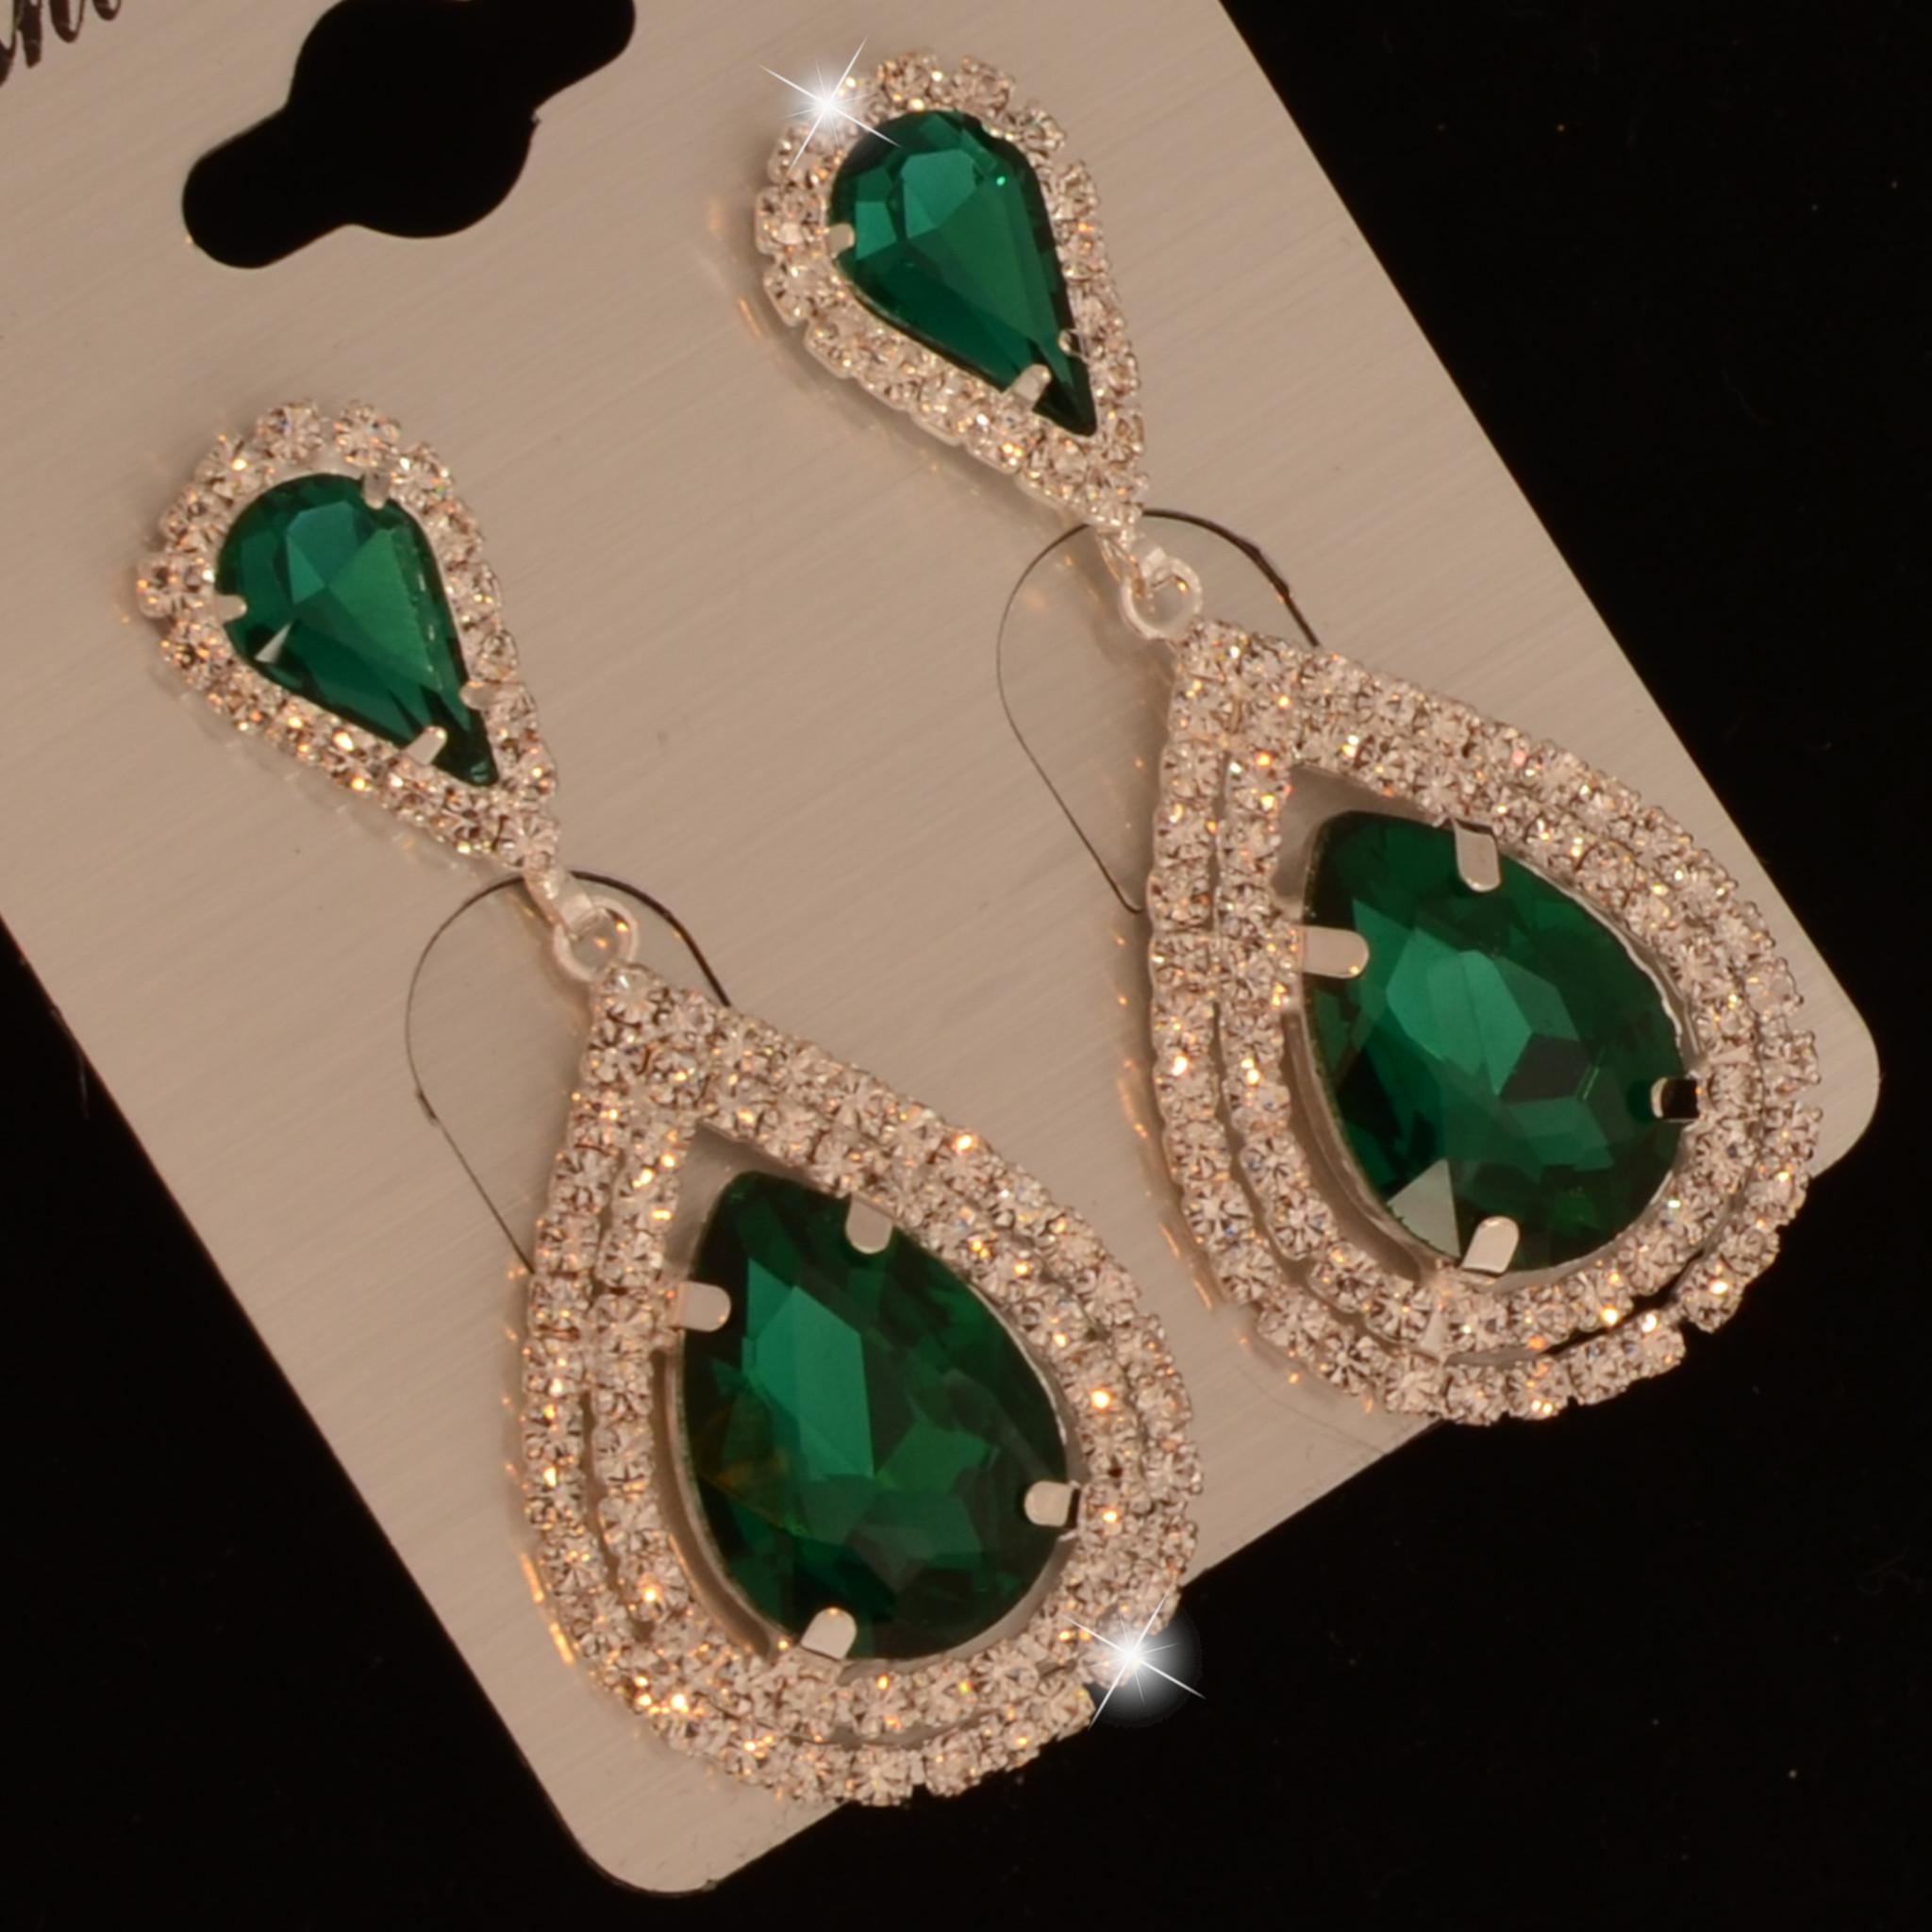 Bruids oorbel Veena - Groen - met grote kristallen